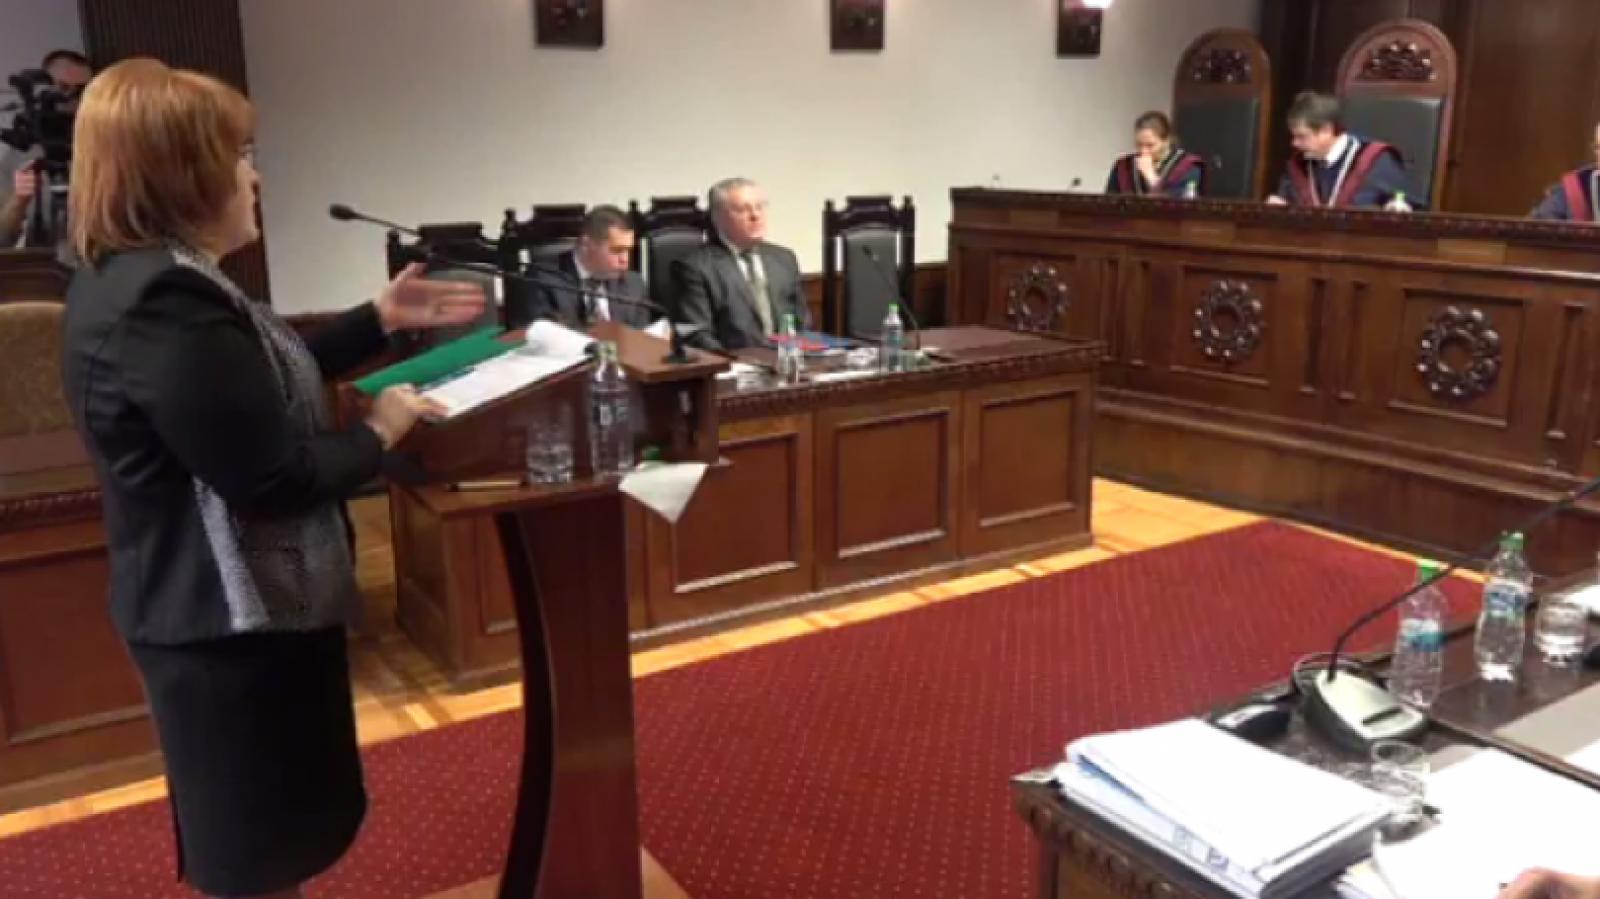 CC a declarat neconstituțională verificarea judecătorilor de catre SIS, ceea ce îi oferă căștig de cauză Domnicăi Manole